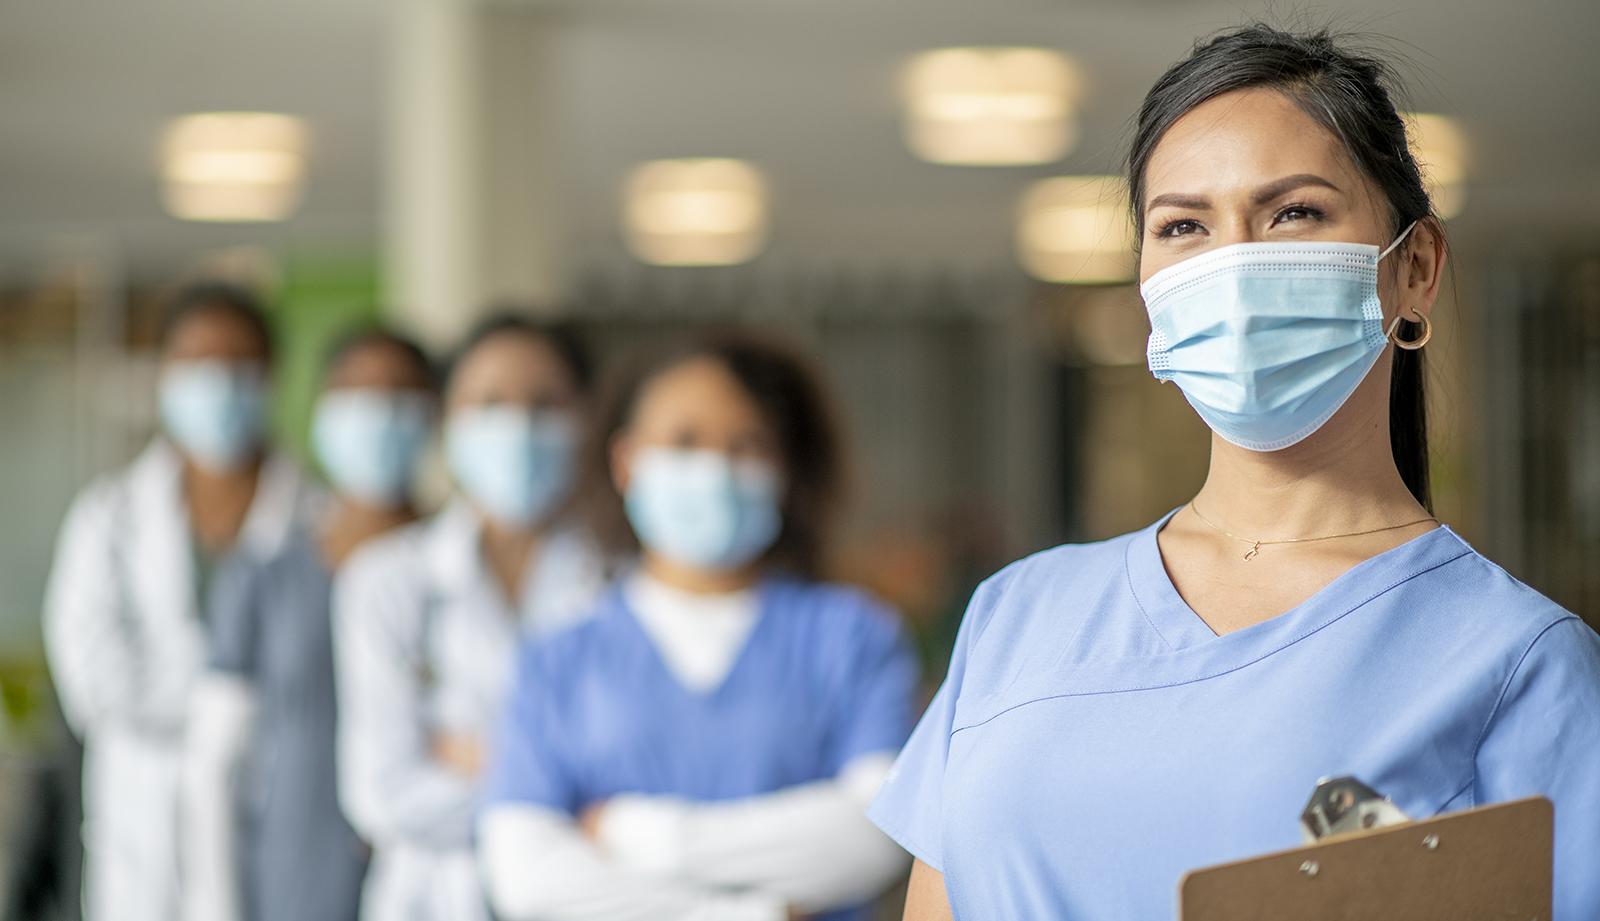 Healthcare workers portrait